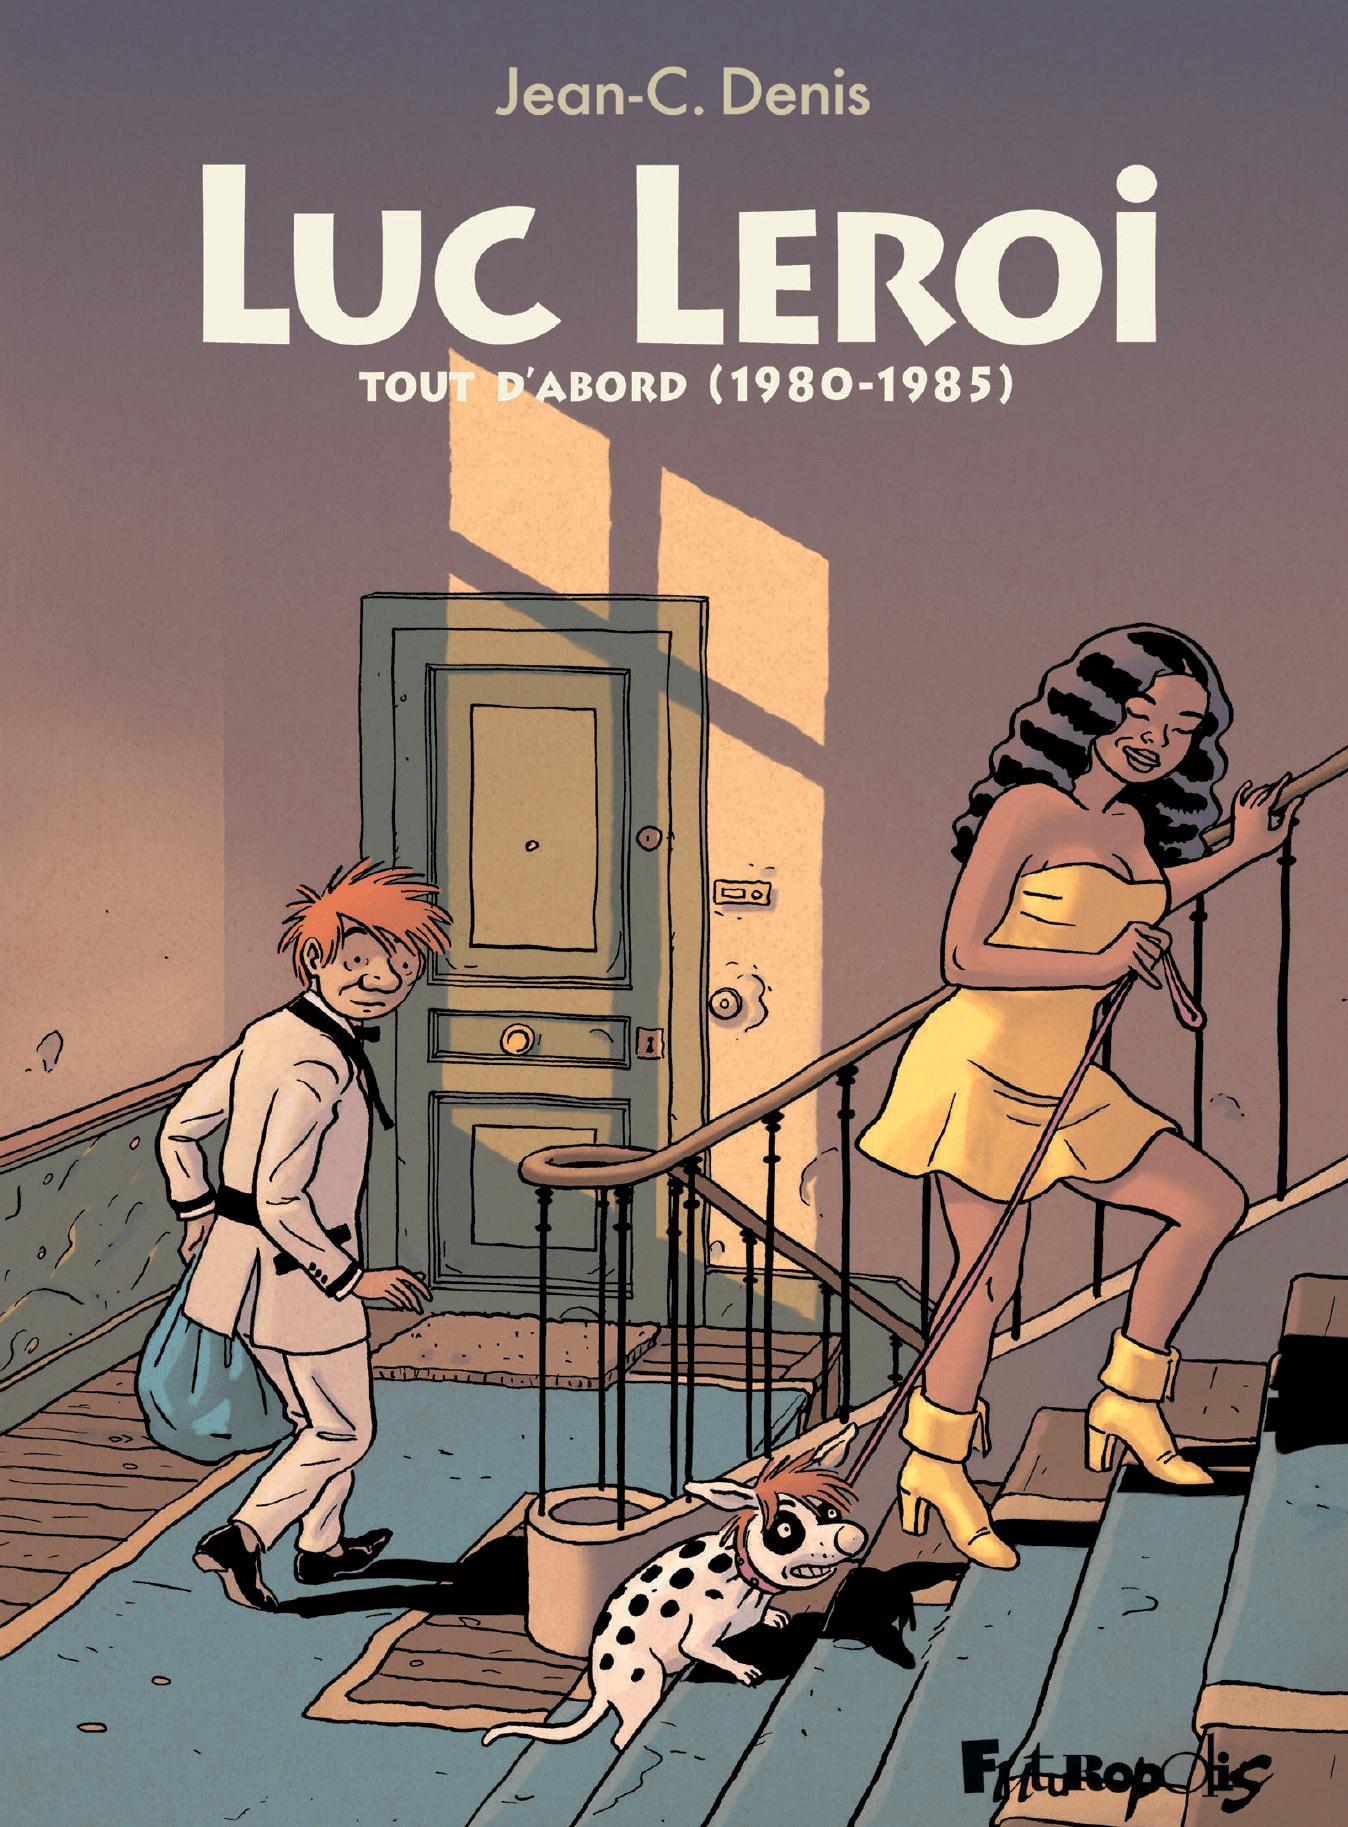 Luc Leroi - L'Intégrale 1 (Tout d'abord 1980-1986)